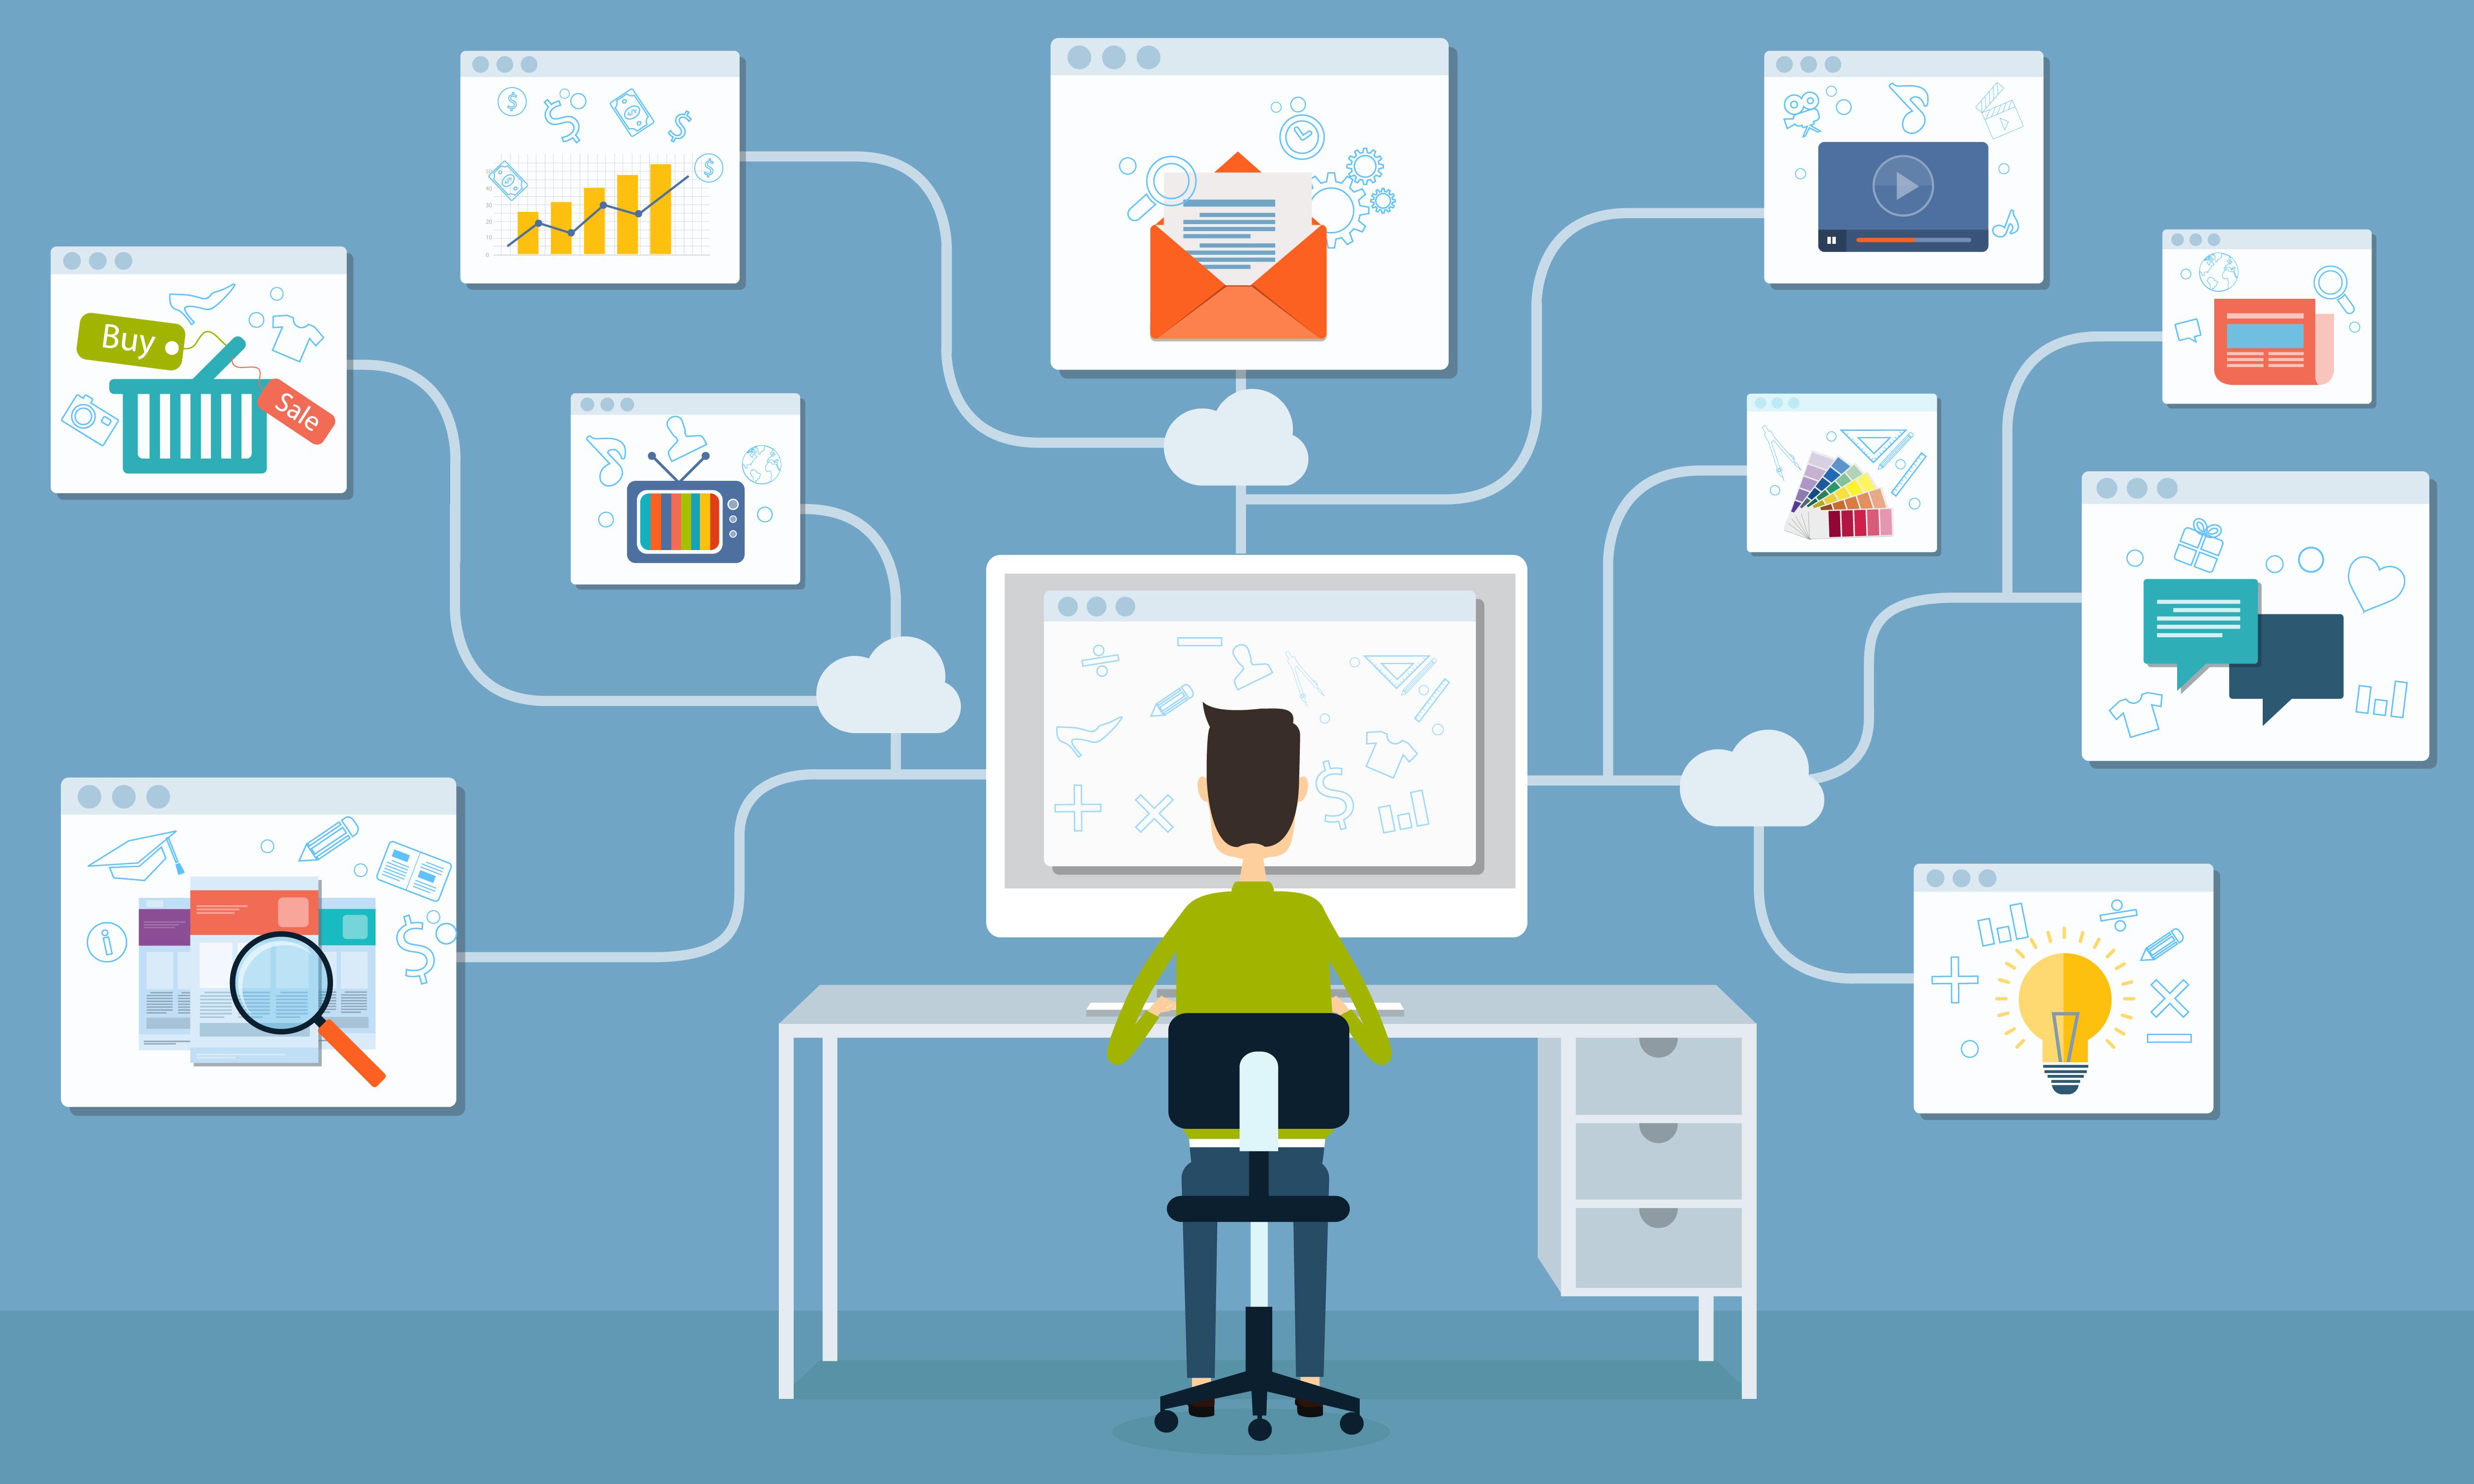 ecommerce promotional ideas